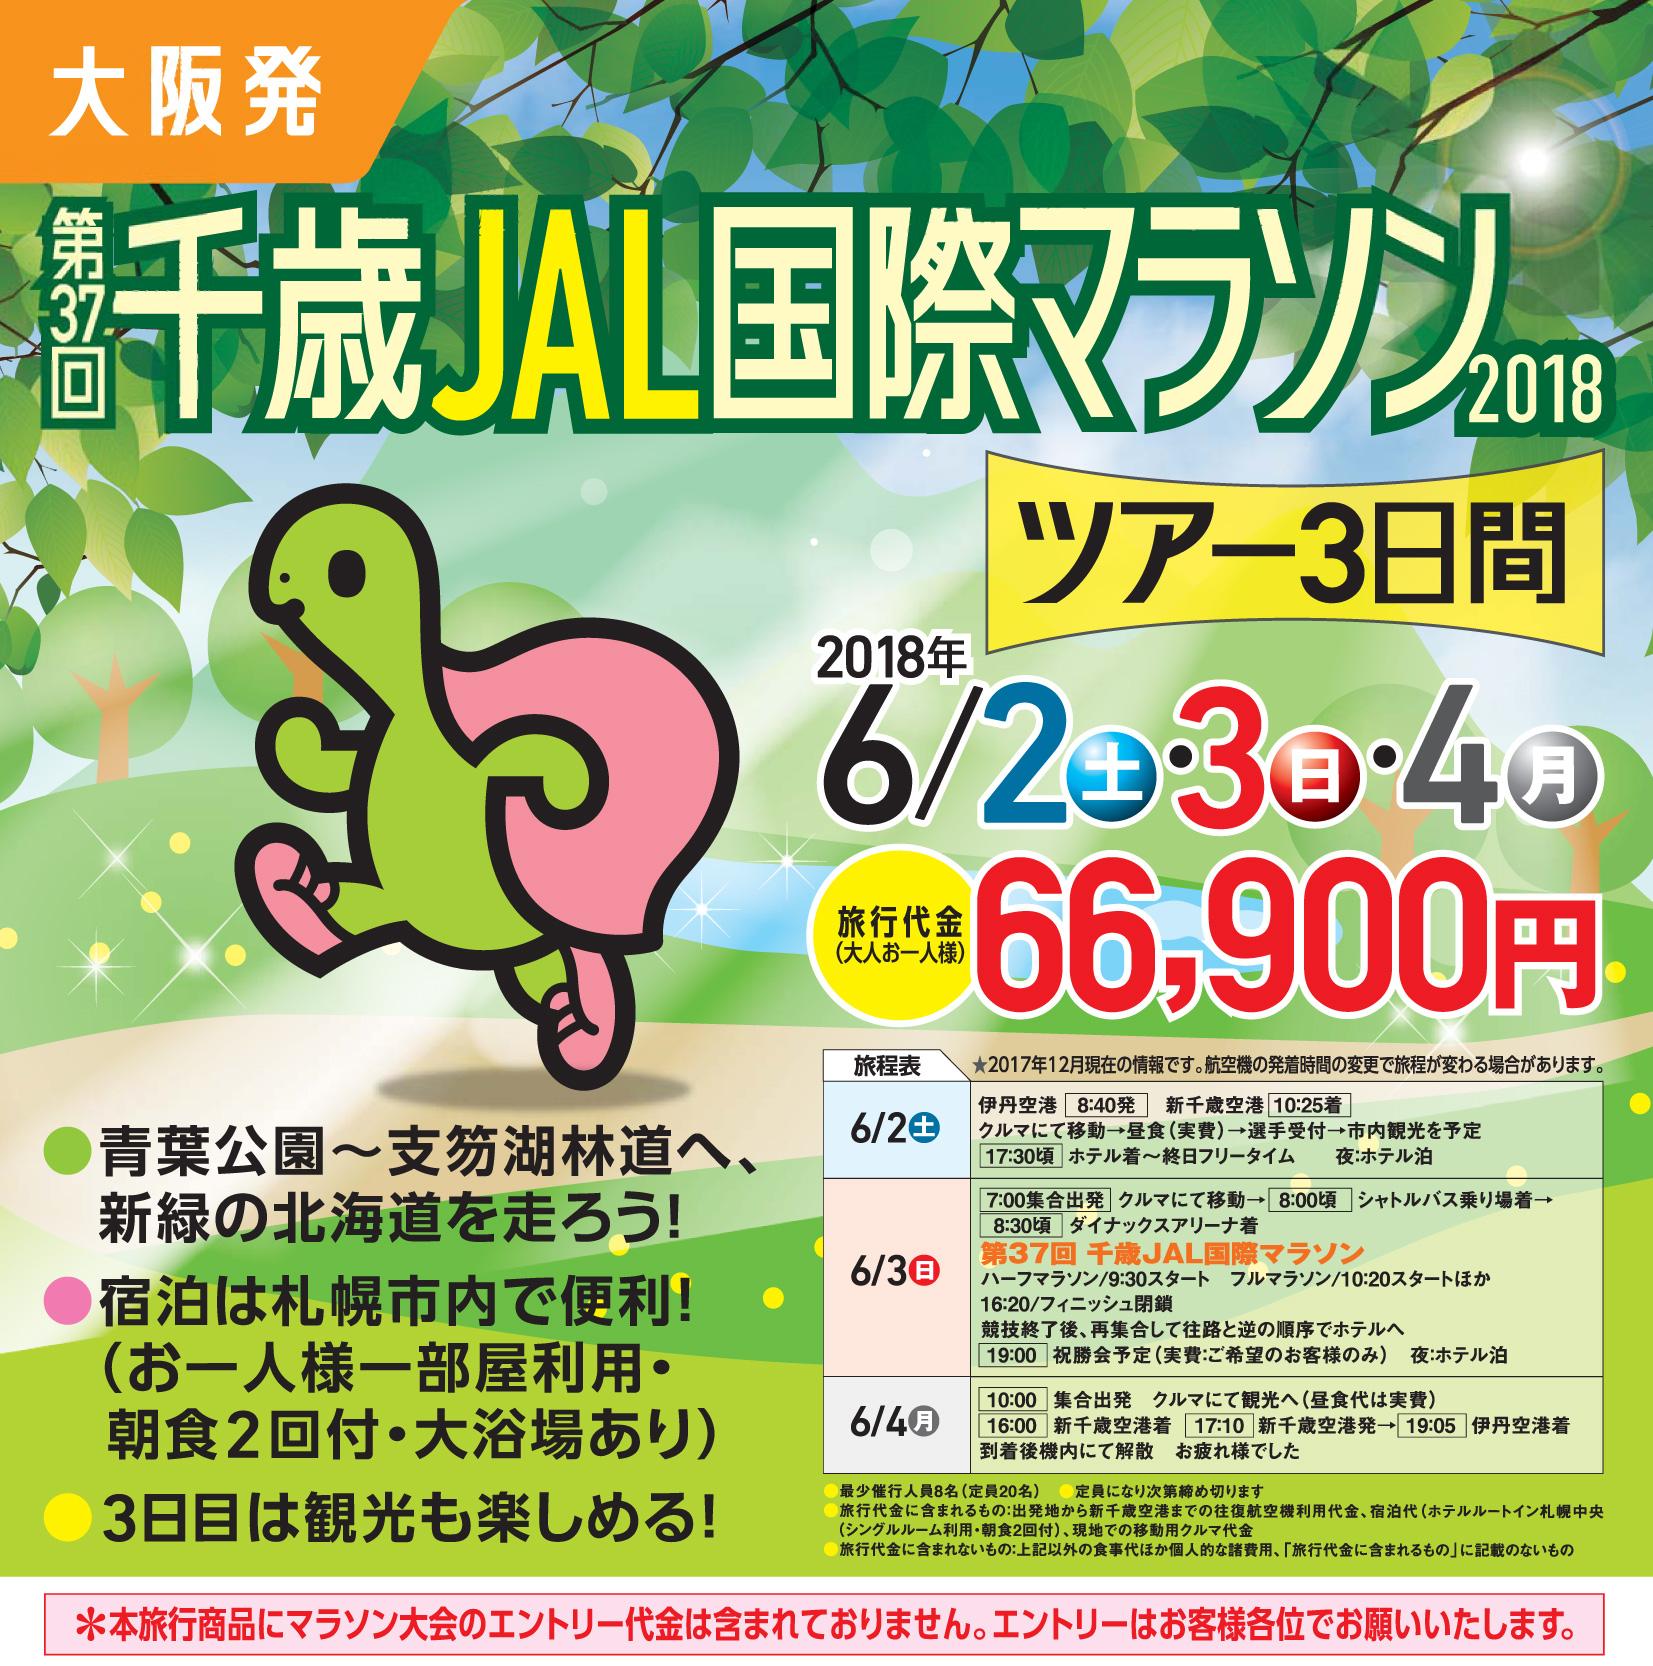 〈大阪発〉第37回 千歳JAL国際マラソン2018 ツアー3日間